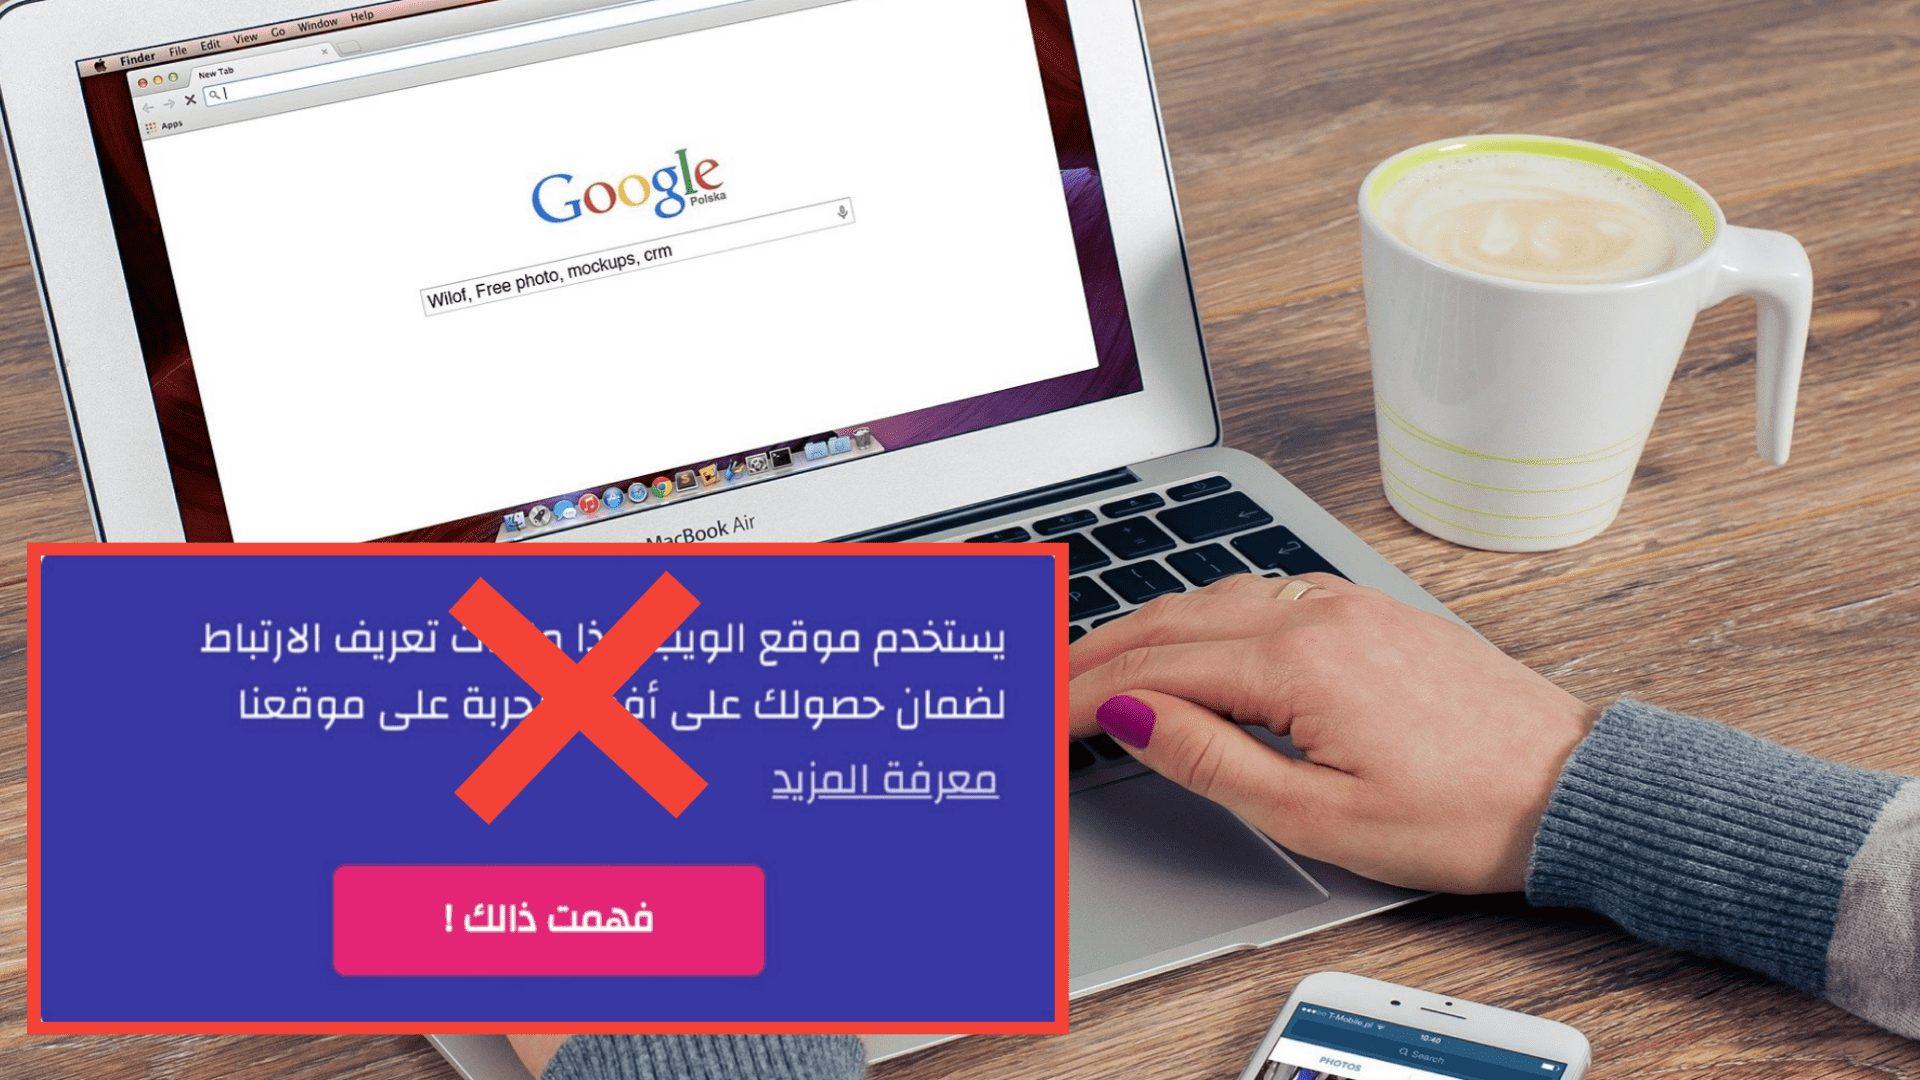 كوكل ألغاء ملفات تعريف الارتباط على Google Chrome قريبا